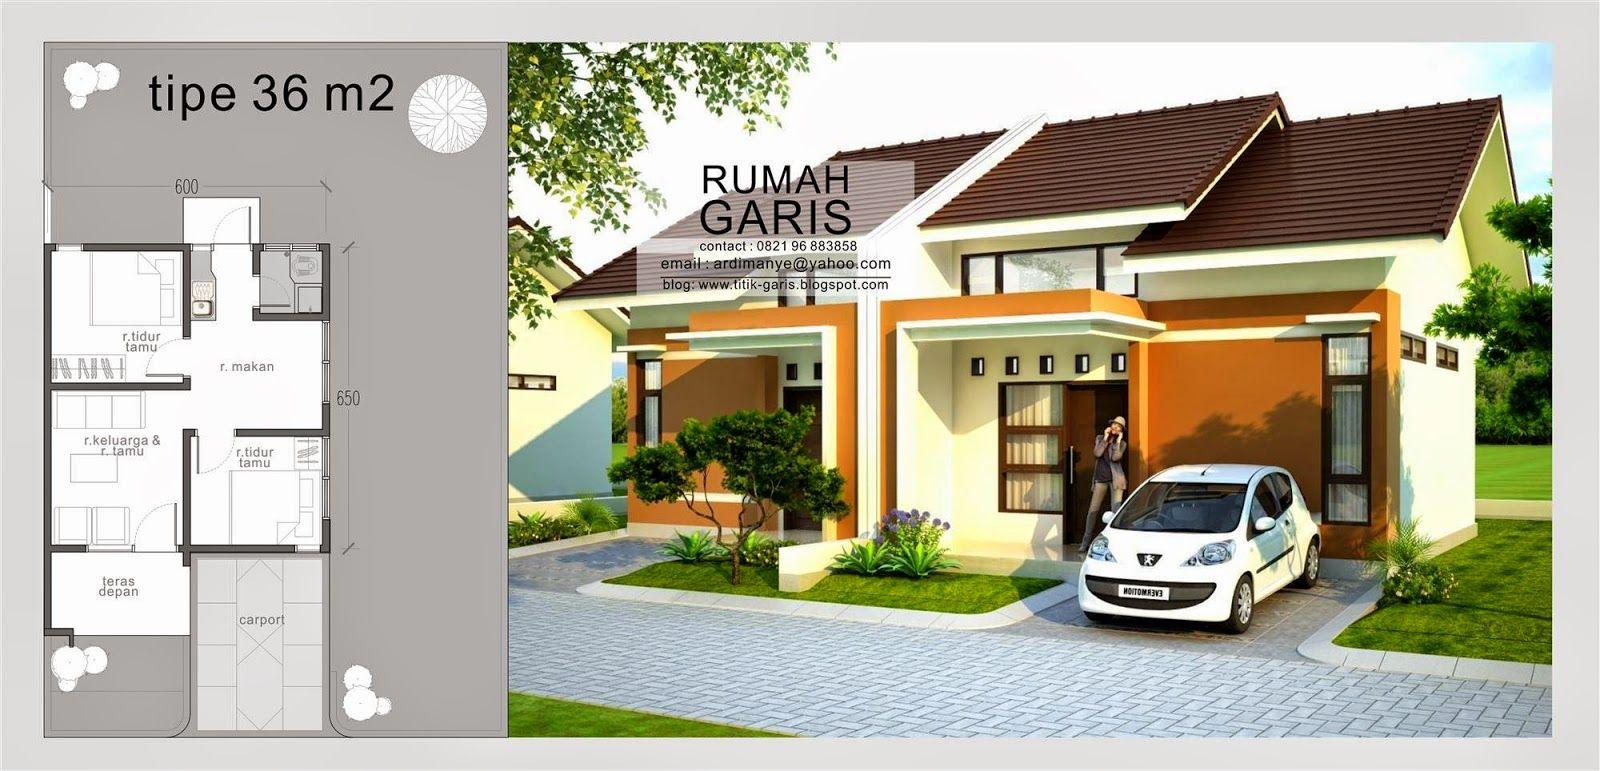 Beragam Desain Rumah Denah Dan Tampak Dari Berbagai Tipe 36 45 54 70 90 Dll Dengan Kualitas Photoreal Rumah Arsitektur Desain Rumah Eksterior Home Fashion